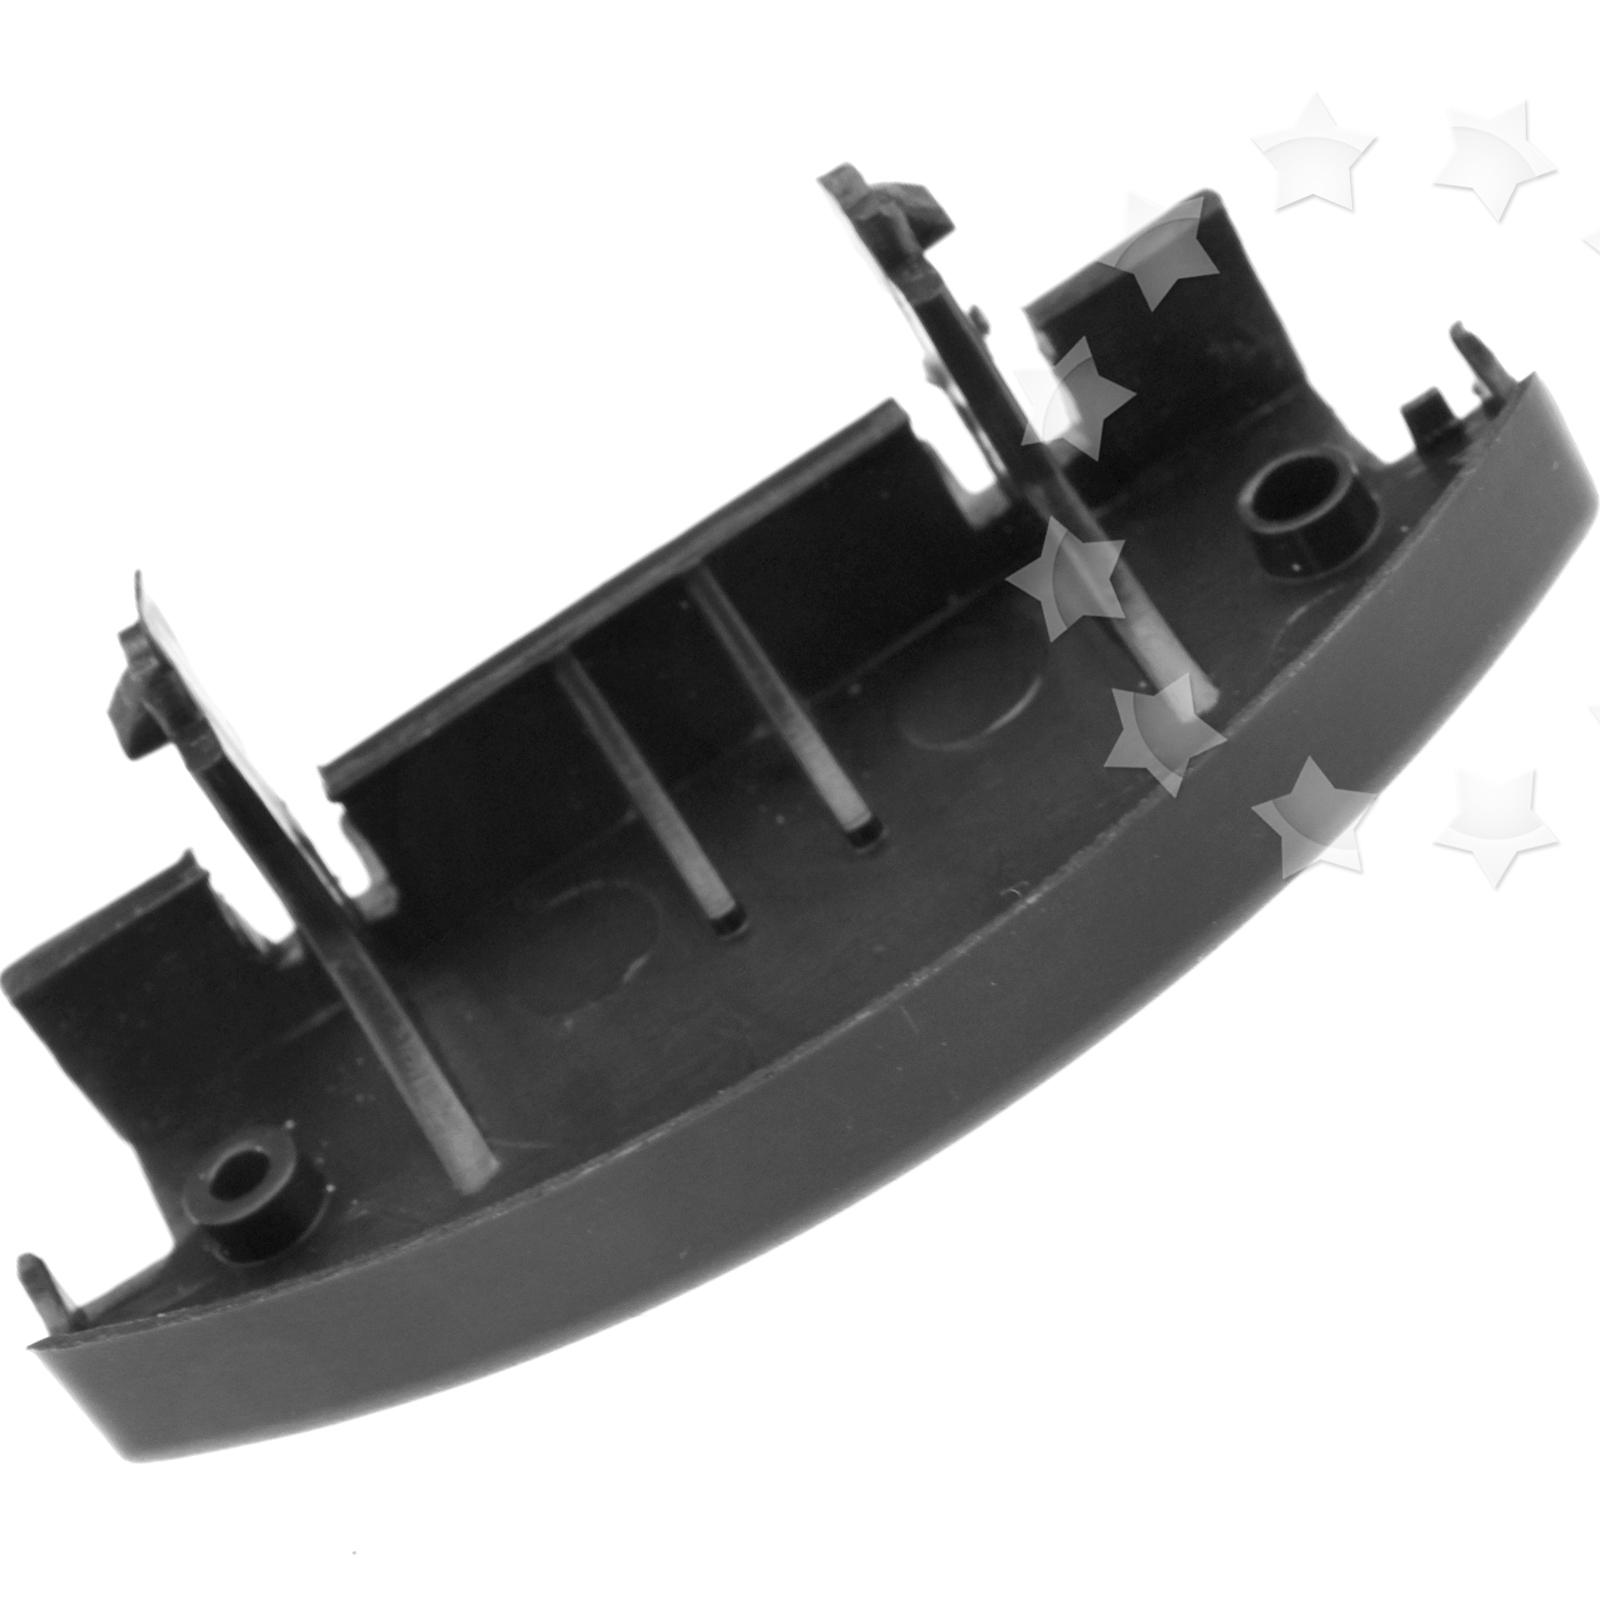 Console armrest lid button latch clip black for vw passat for 1999 vw passat window regulator clips